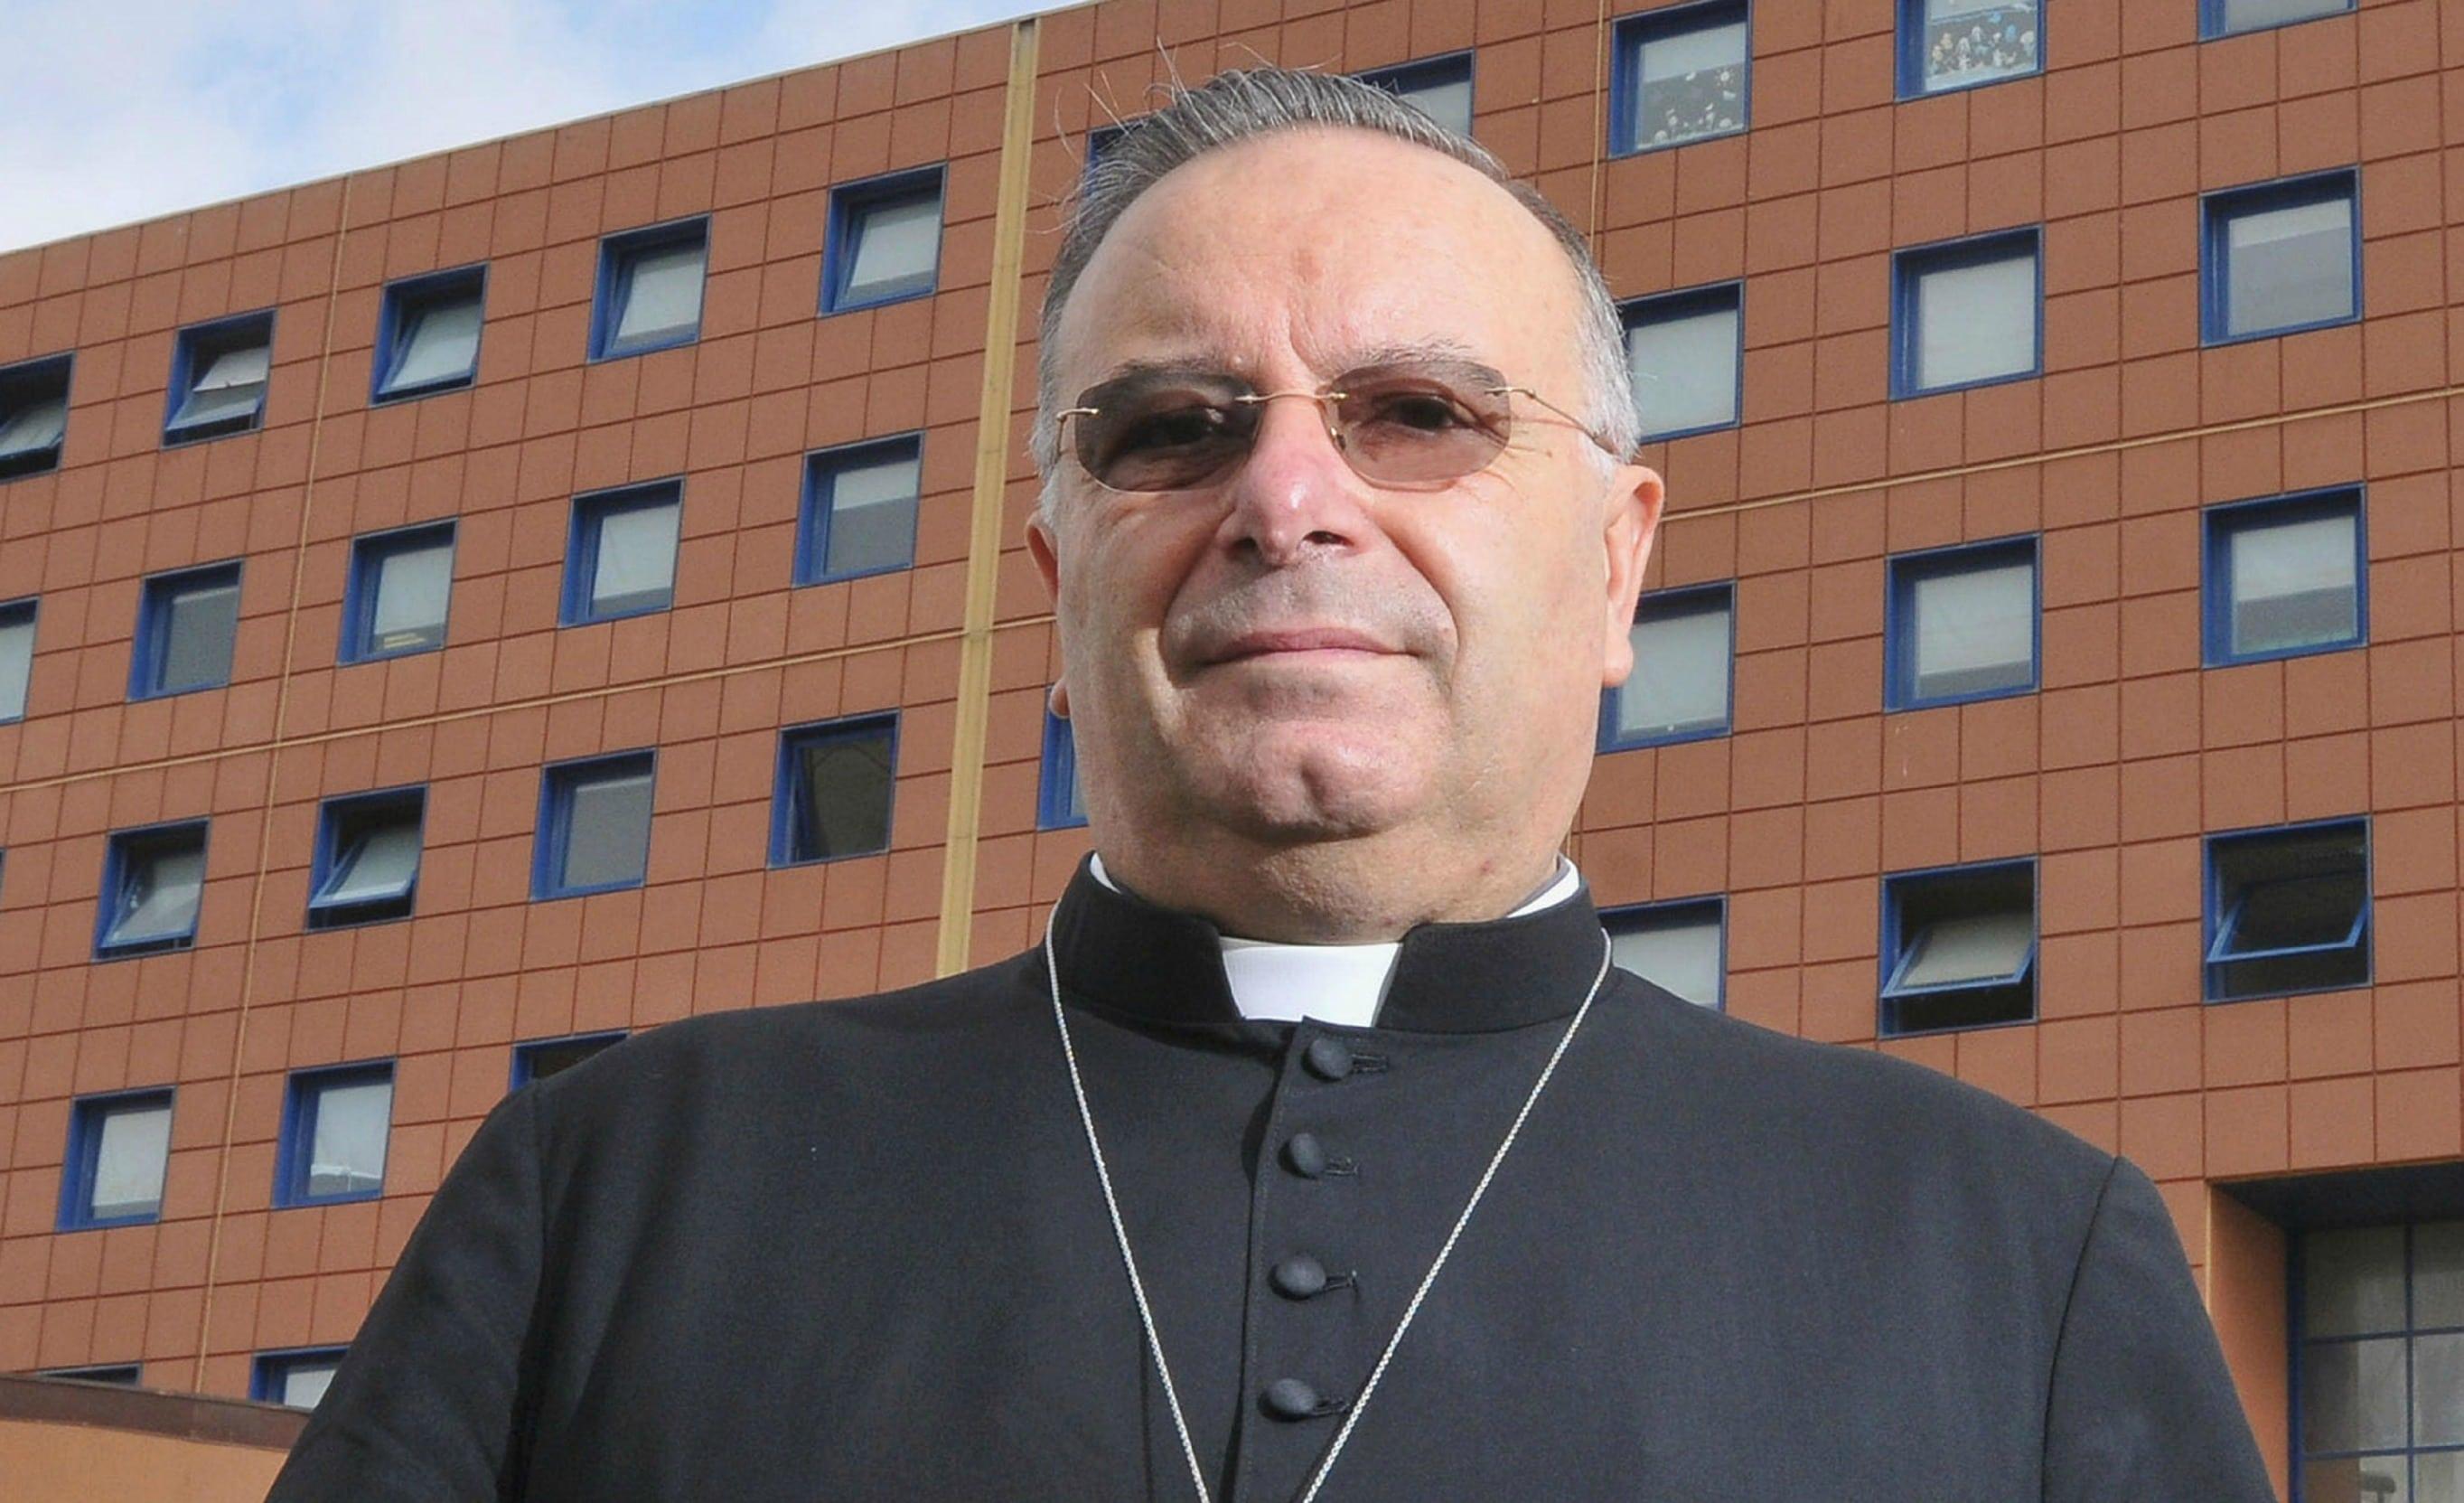 nave Diciotti arcivescovo agrigento